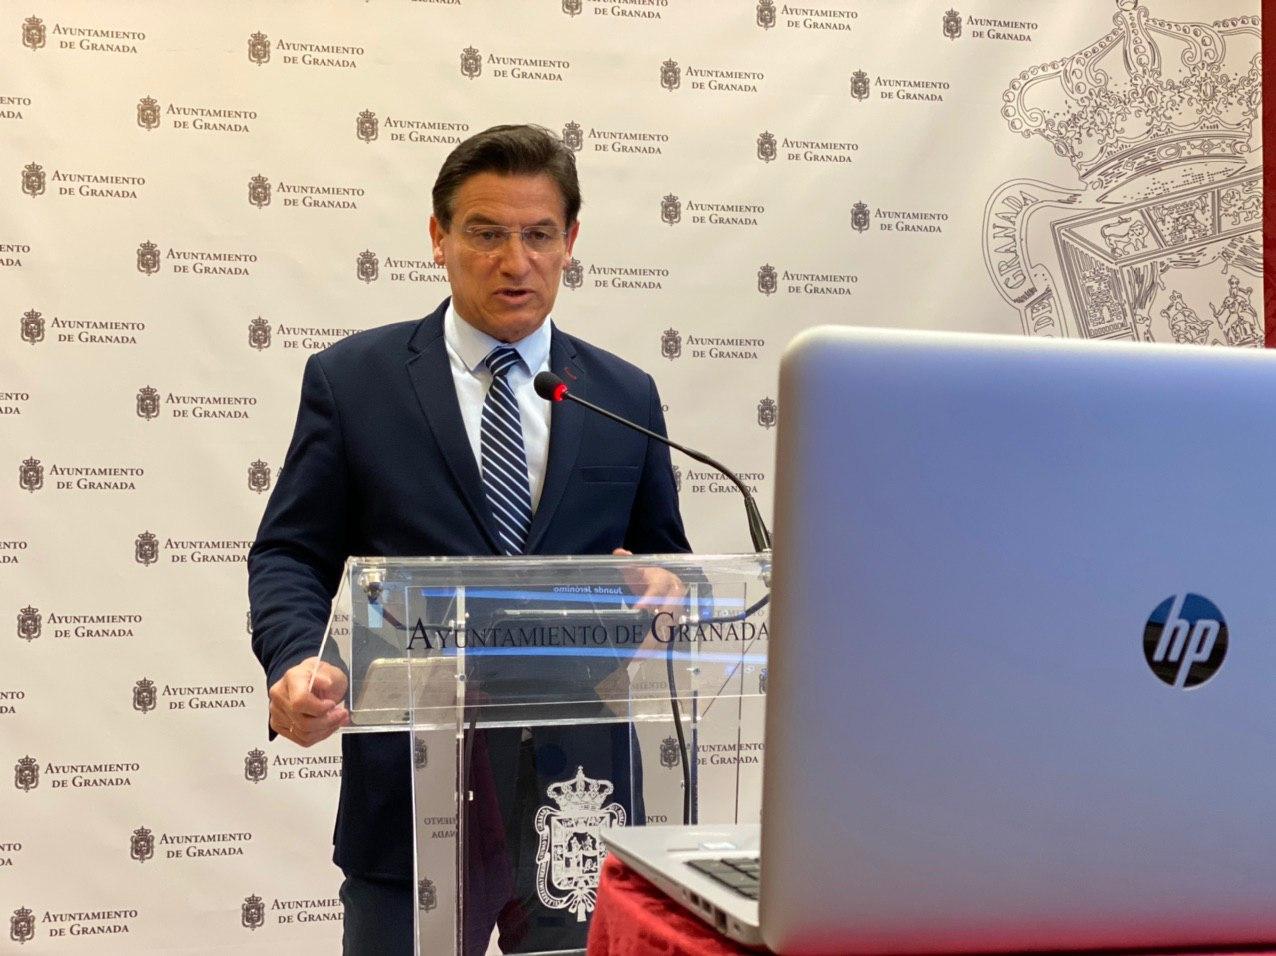 El alcalde pide adelantar la apertura de fronteras al turismo internacional